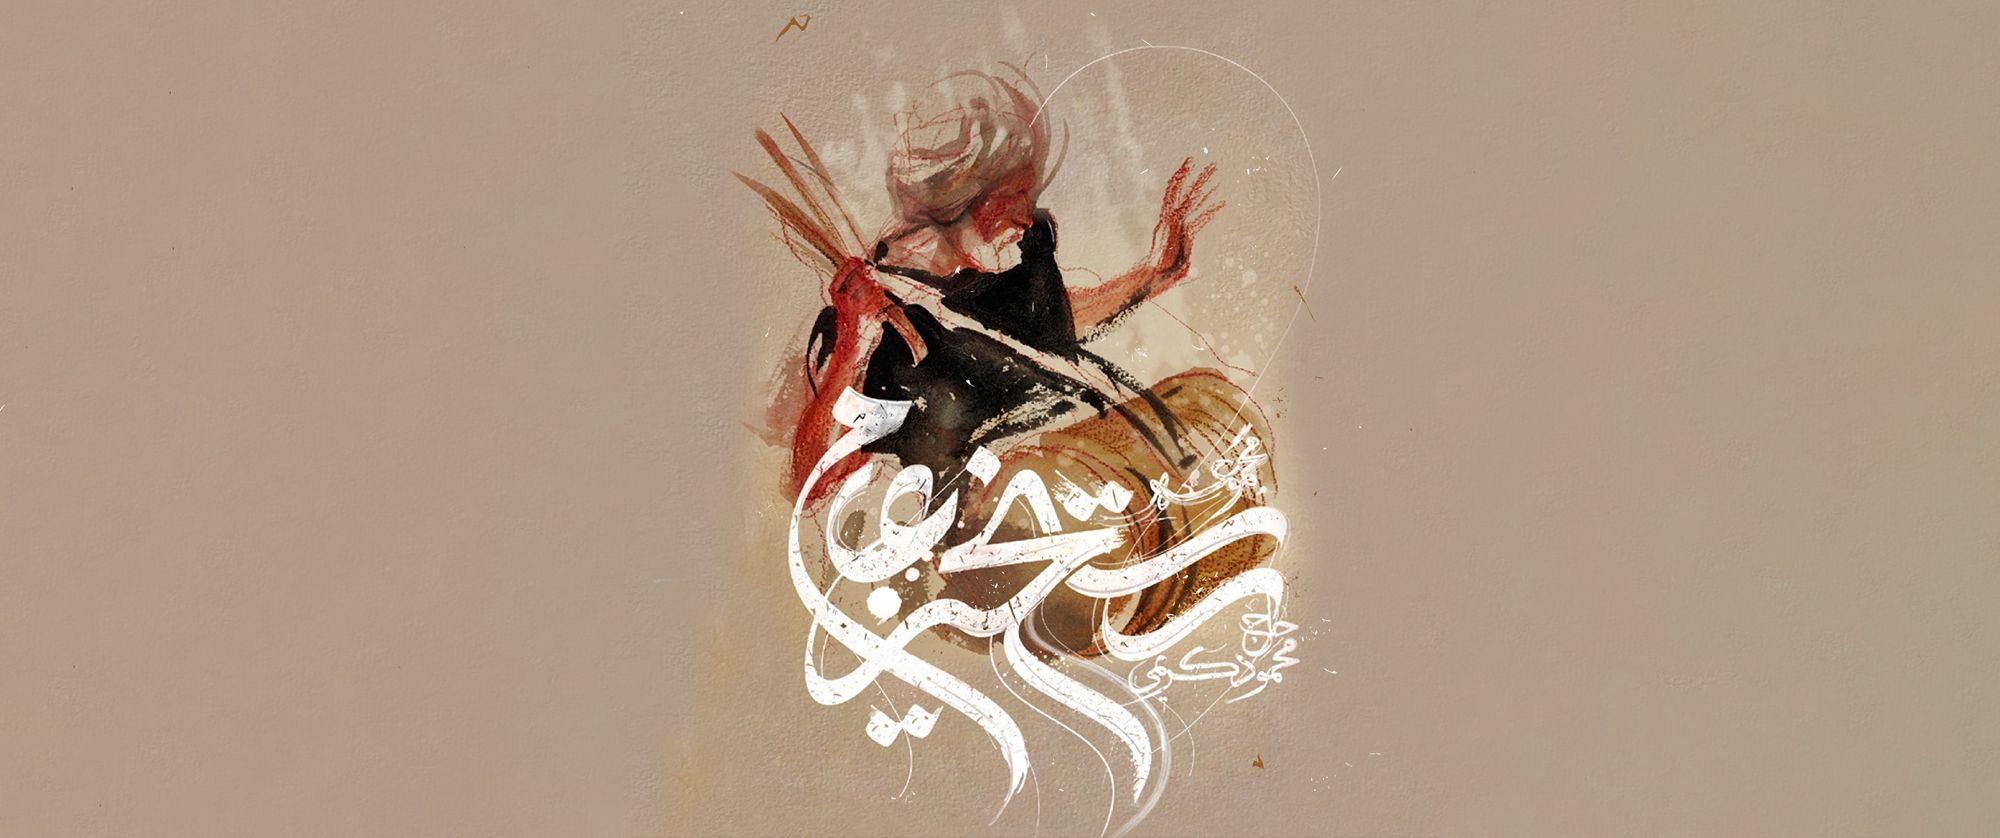 مجموعه صوتی رستخیر عام با نوای حاج محمود کریمی